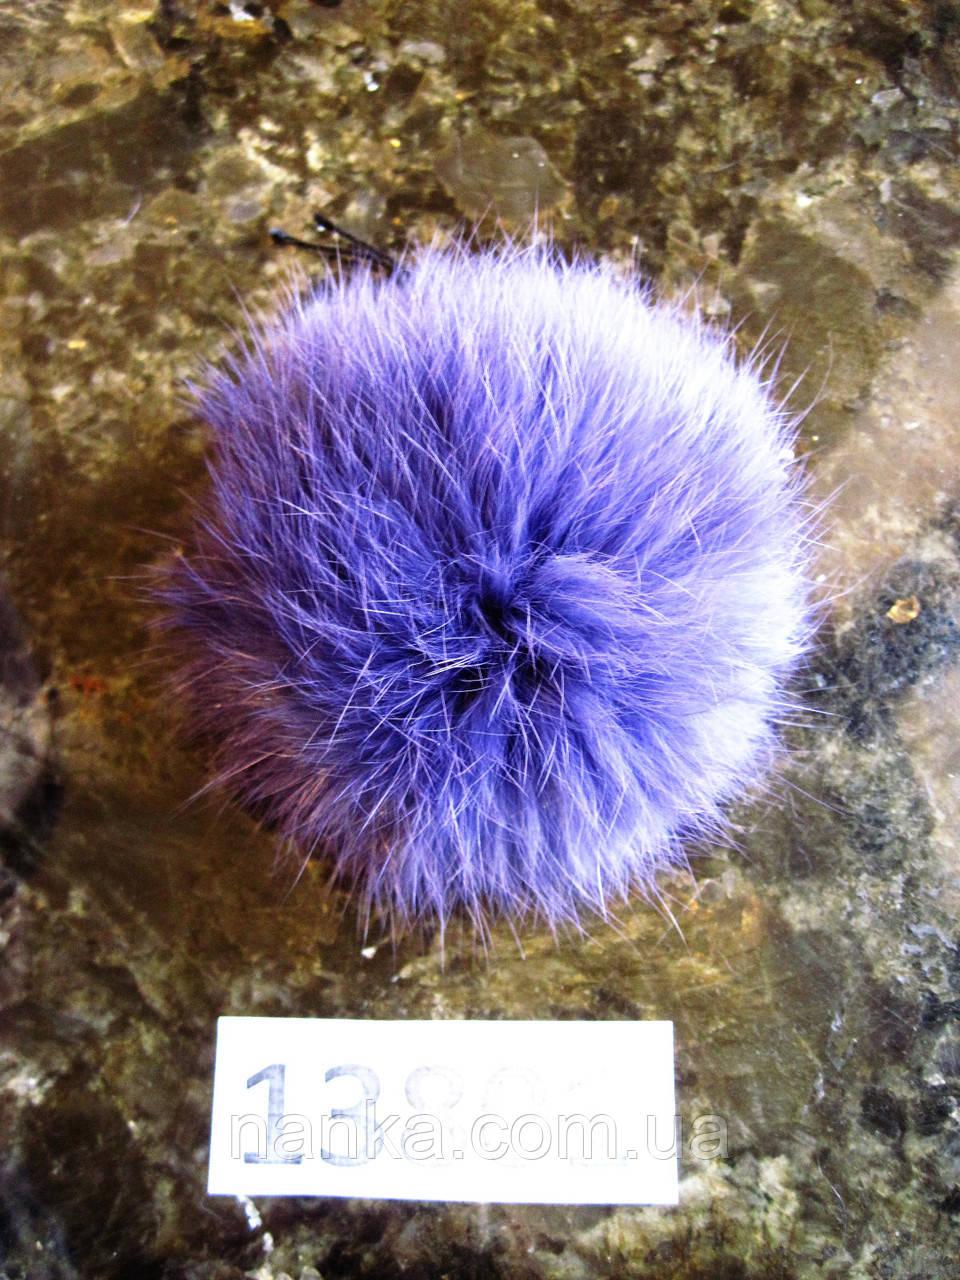 Меховой помпон Кролик, Фиолет, 11 см, 13801